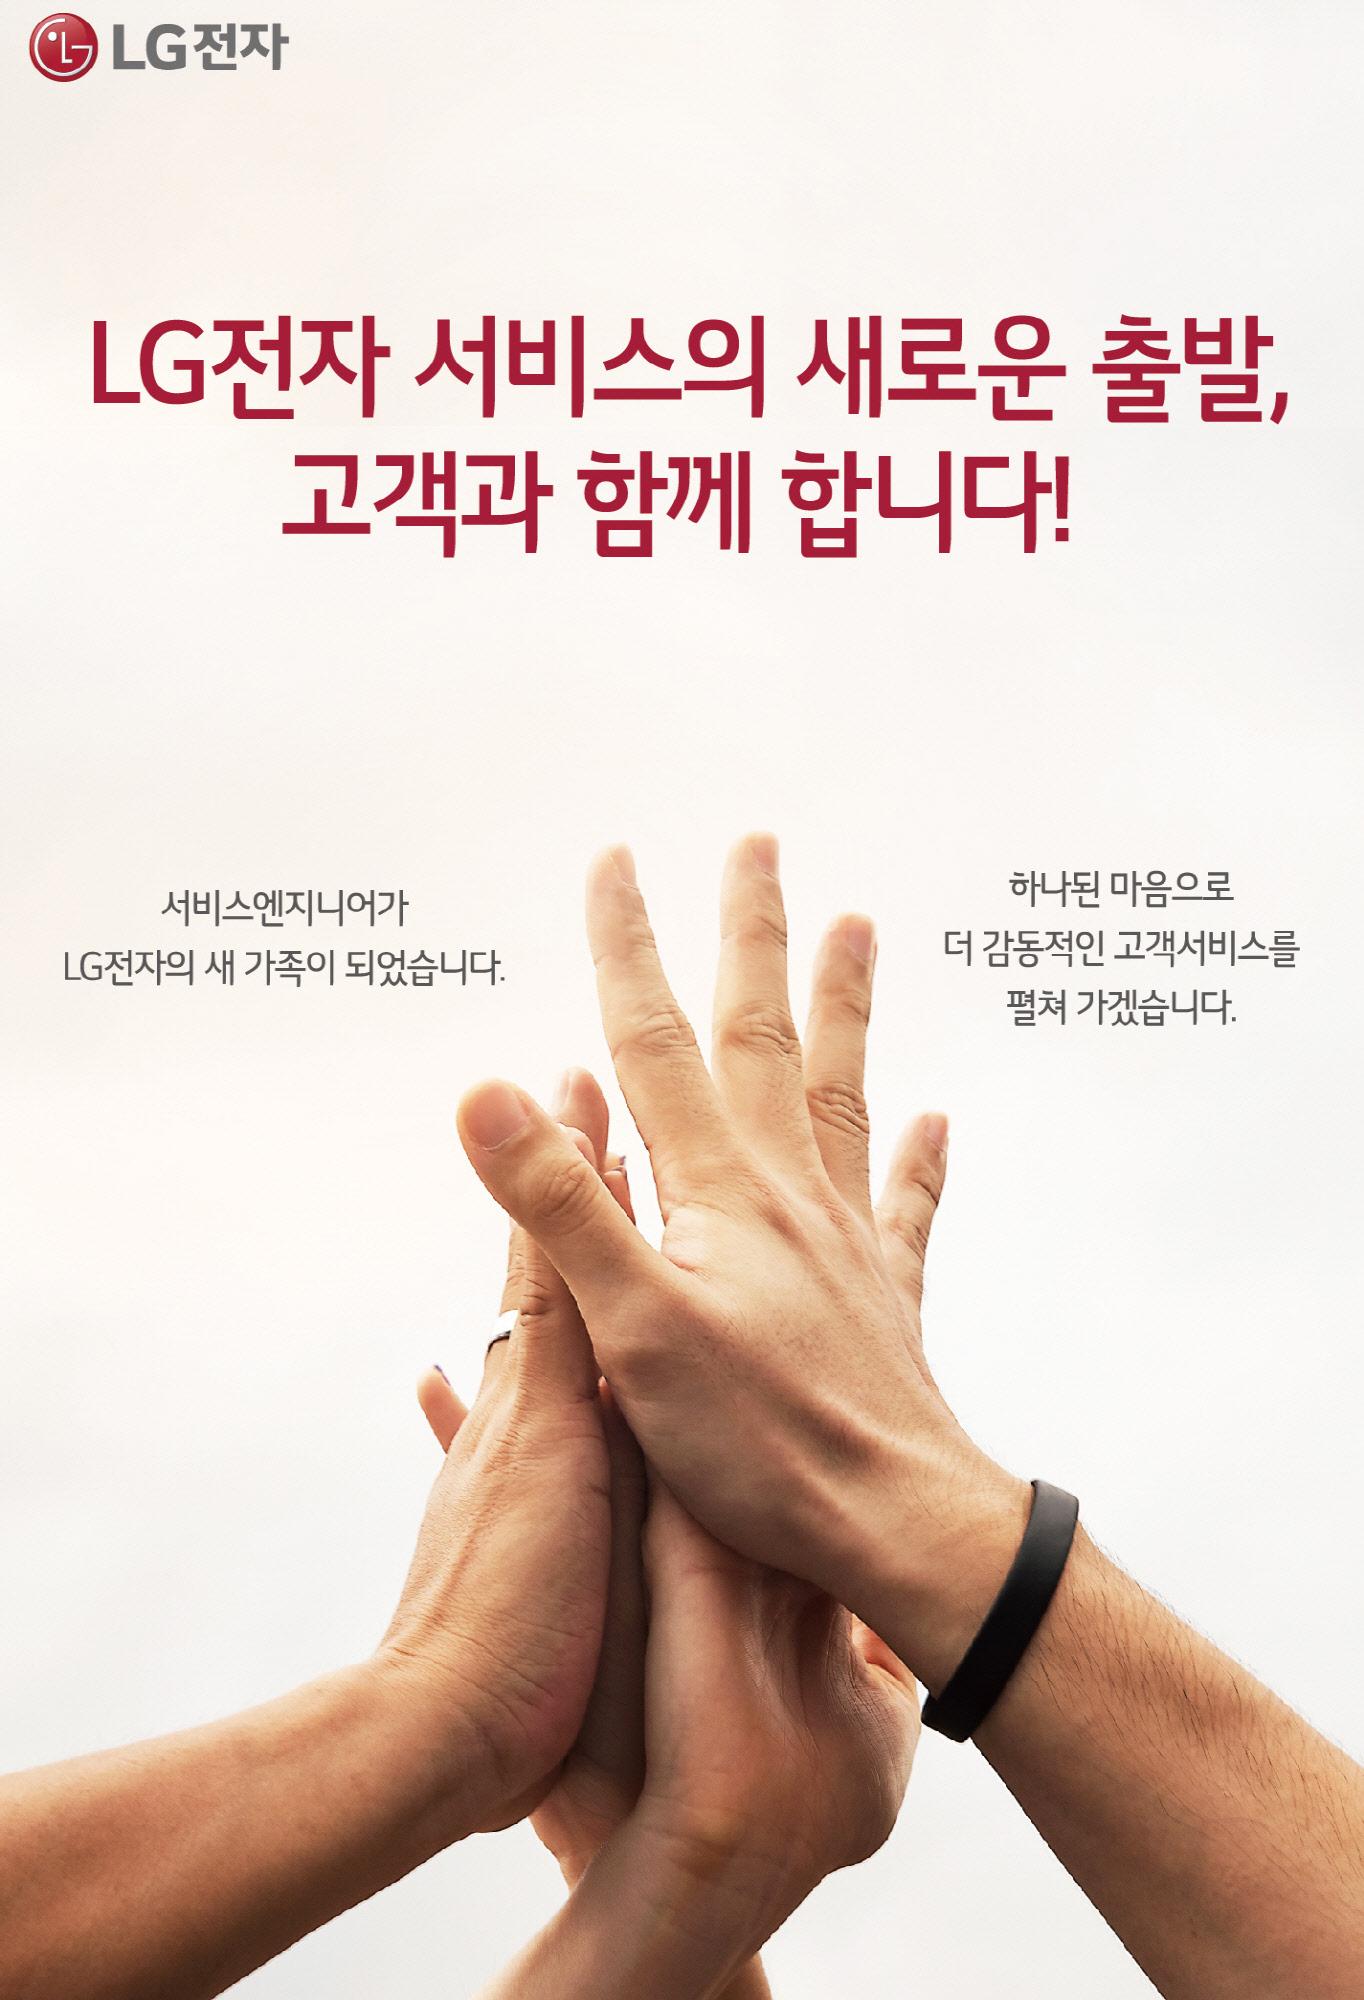 LG전자가 5월 1일자로 전국 130여 개의 서비스센터에서 근무하고 있는 협력사 직원 약 3,900명을 직접 고용한다. LG전자는 고객 감동 서비스를 다짐하는 포스터를 제작해 전국 서비스센터와 홈페이지 등에 게재할 계획이다.